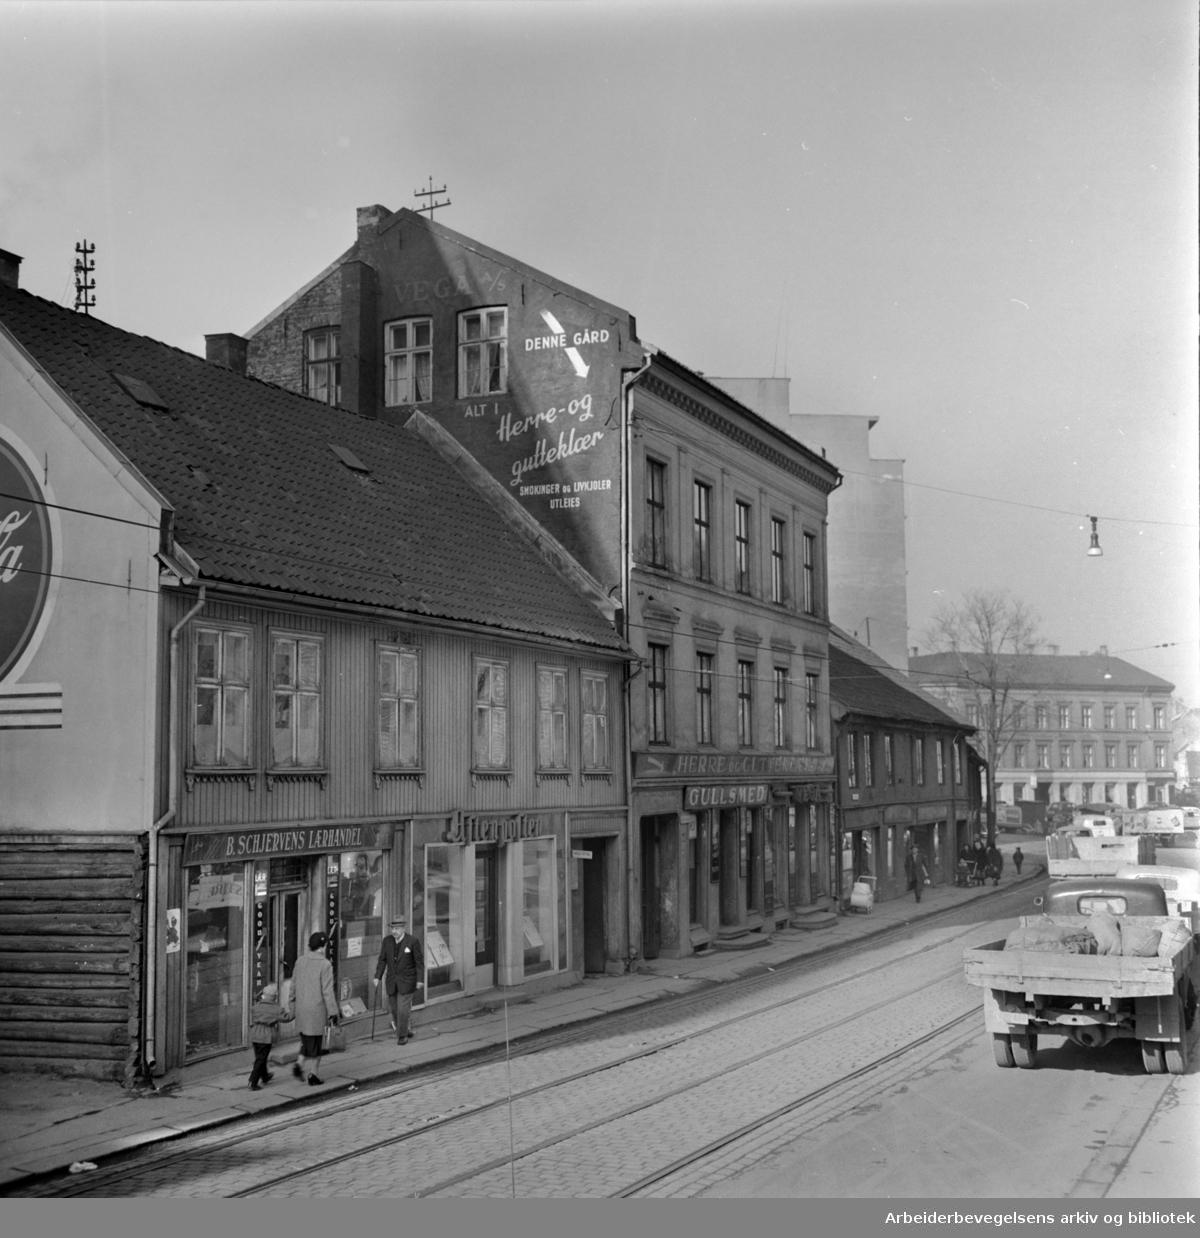 Grønlandsleiret 35. Gamle hus som skal rives. Mars 1959